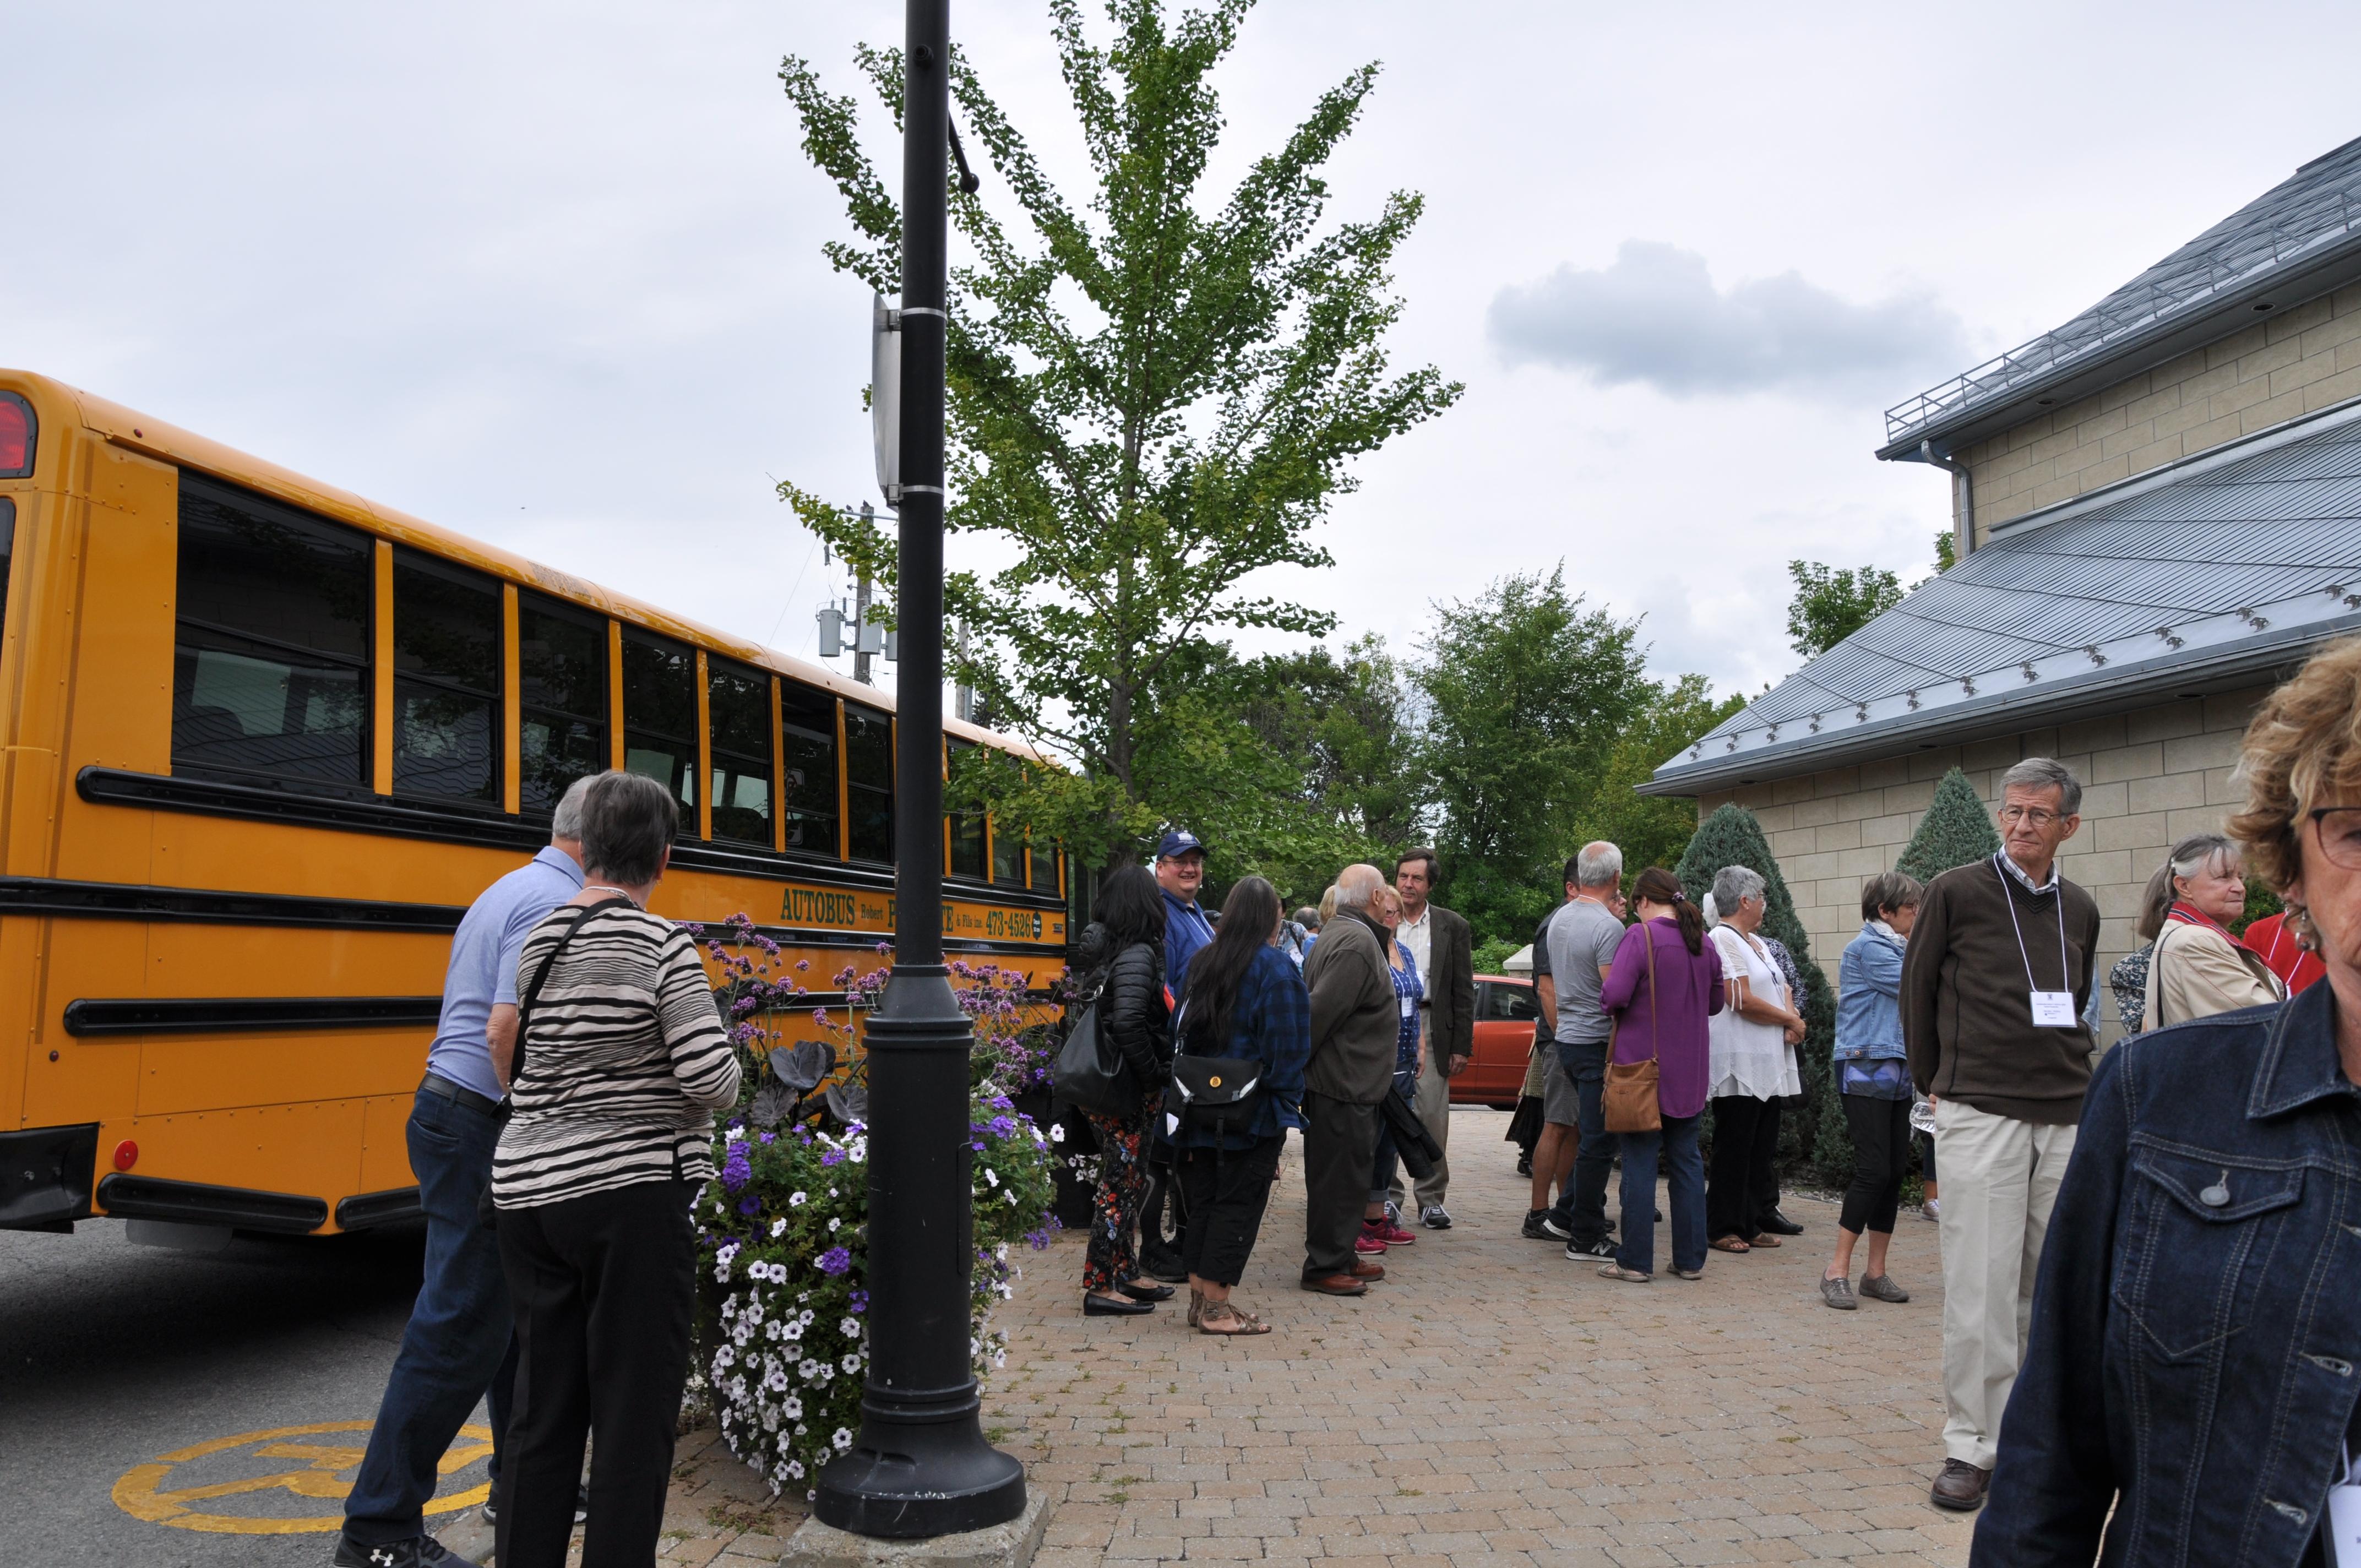 Départ des autobus vers visites guidées dans Vieux Saint-Eustache